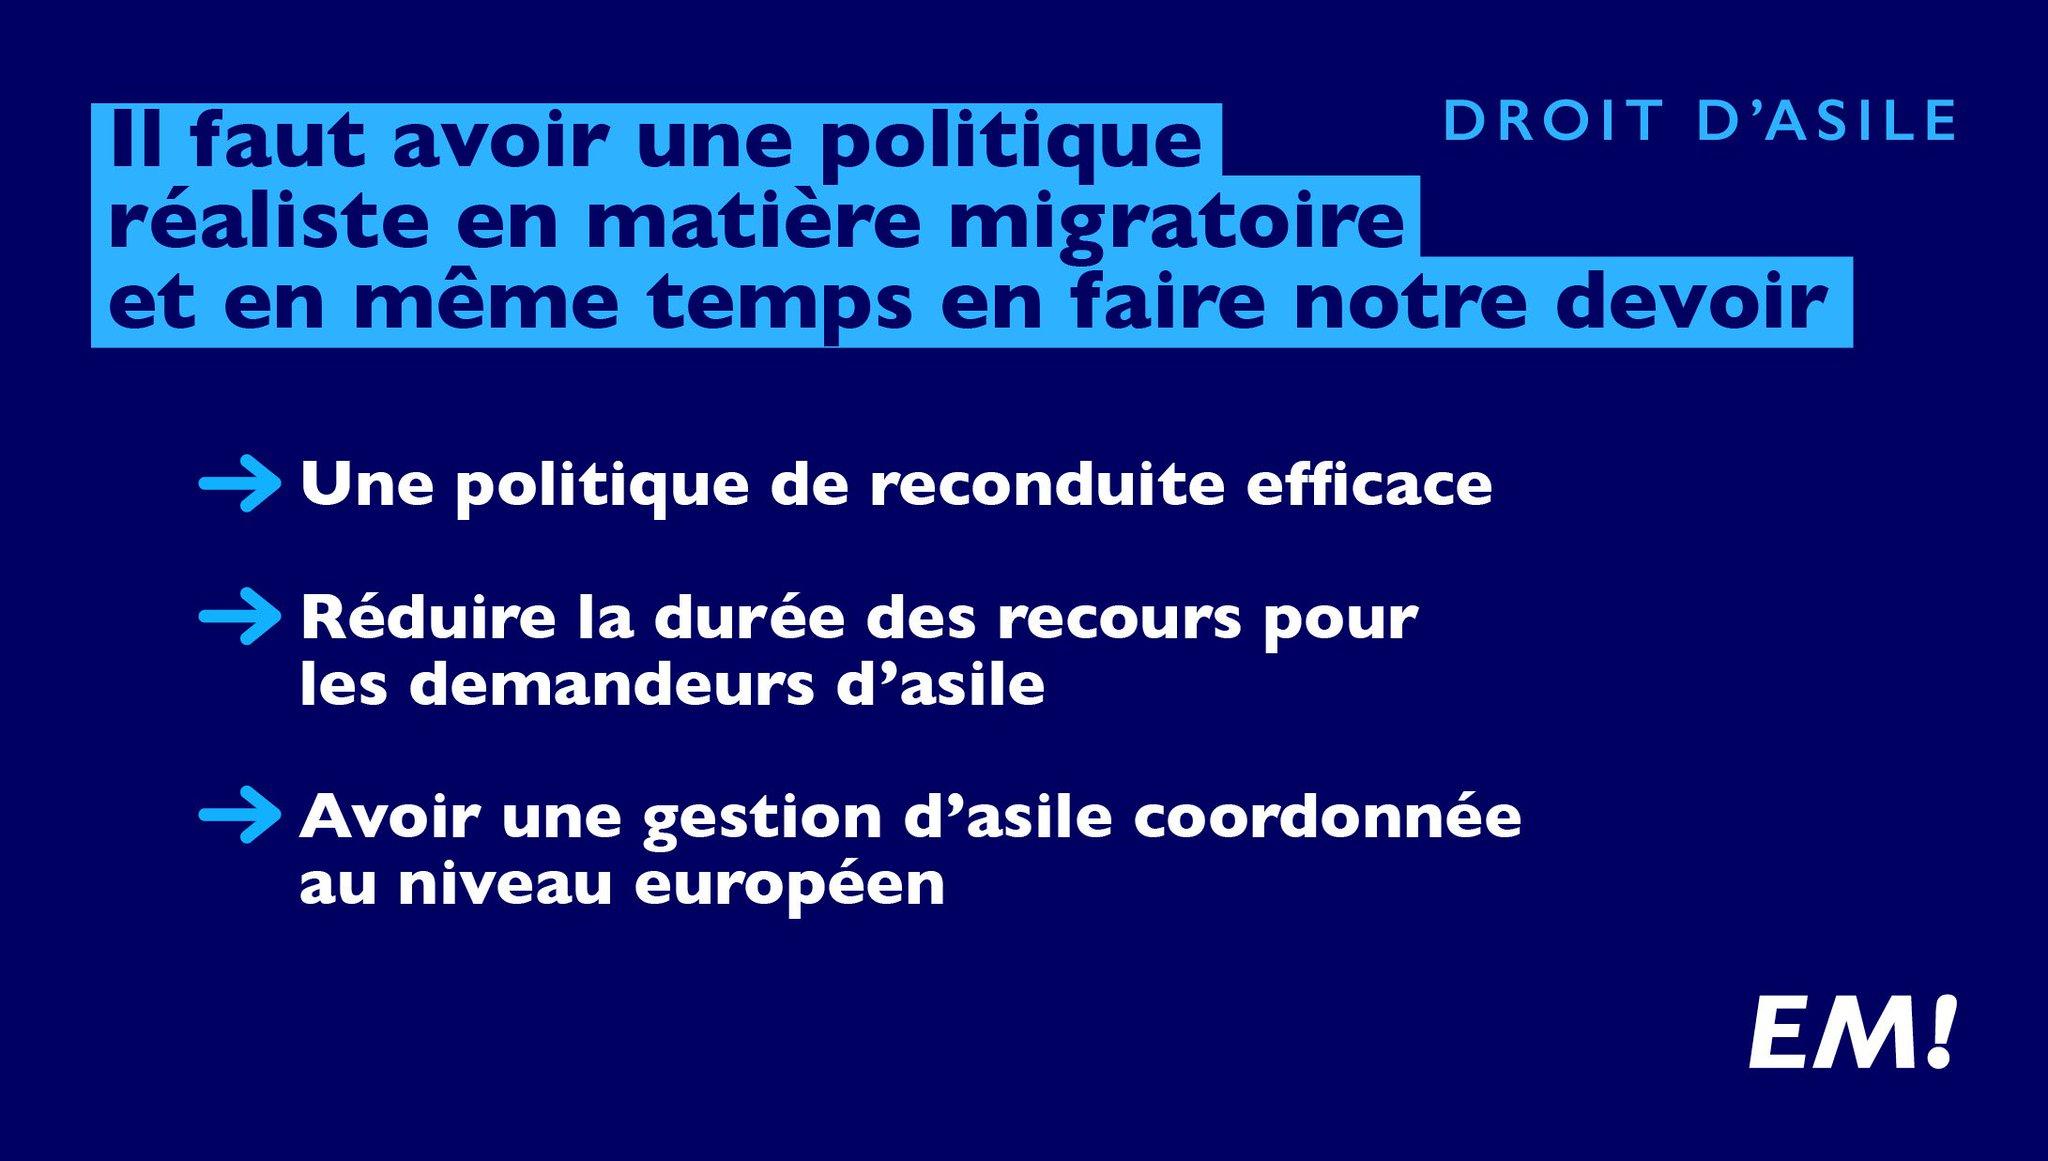 Il faut avoir une politique réaliste en matière migratoire et en même temps en faire notre devoir. #LeGrandDébat https://t.co/rjuGS86WNJ